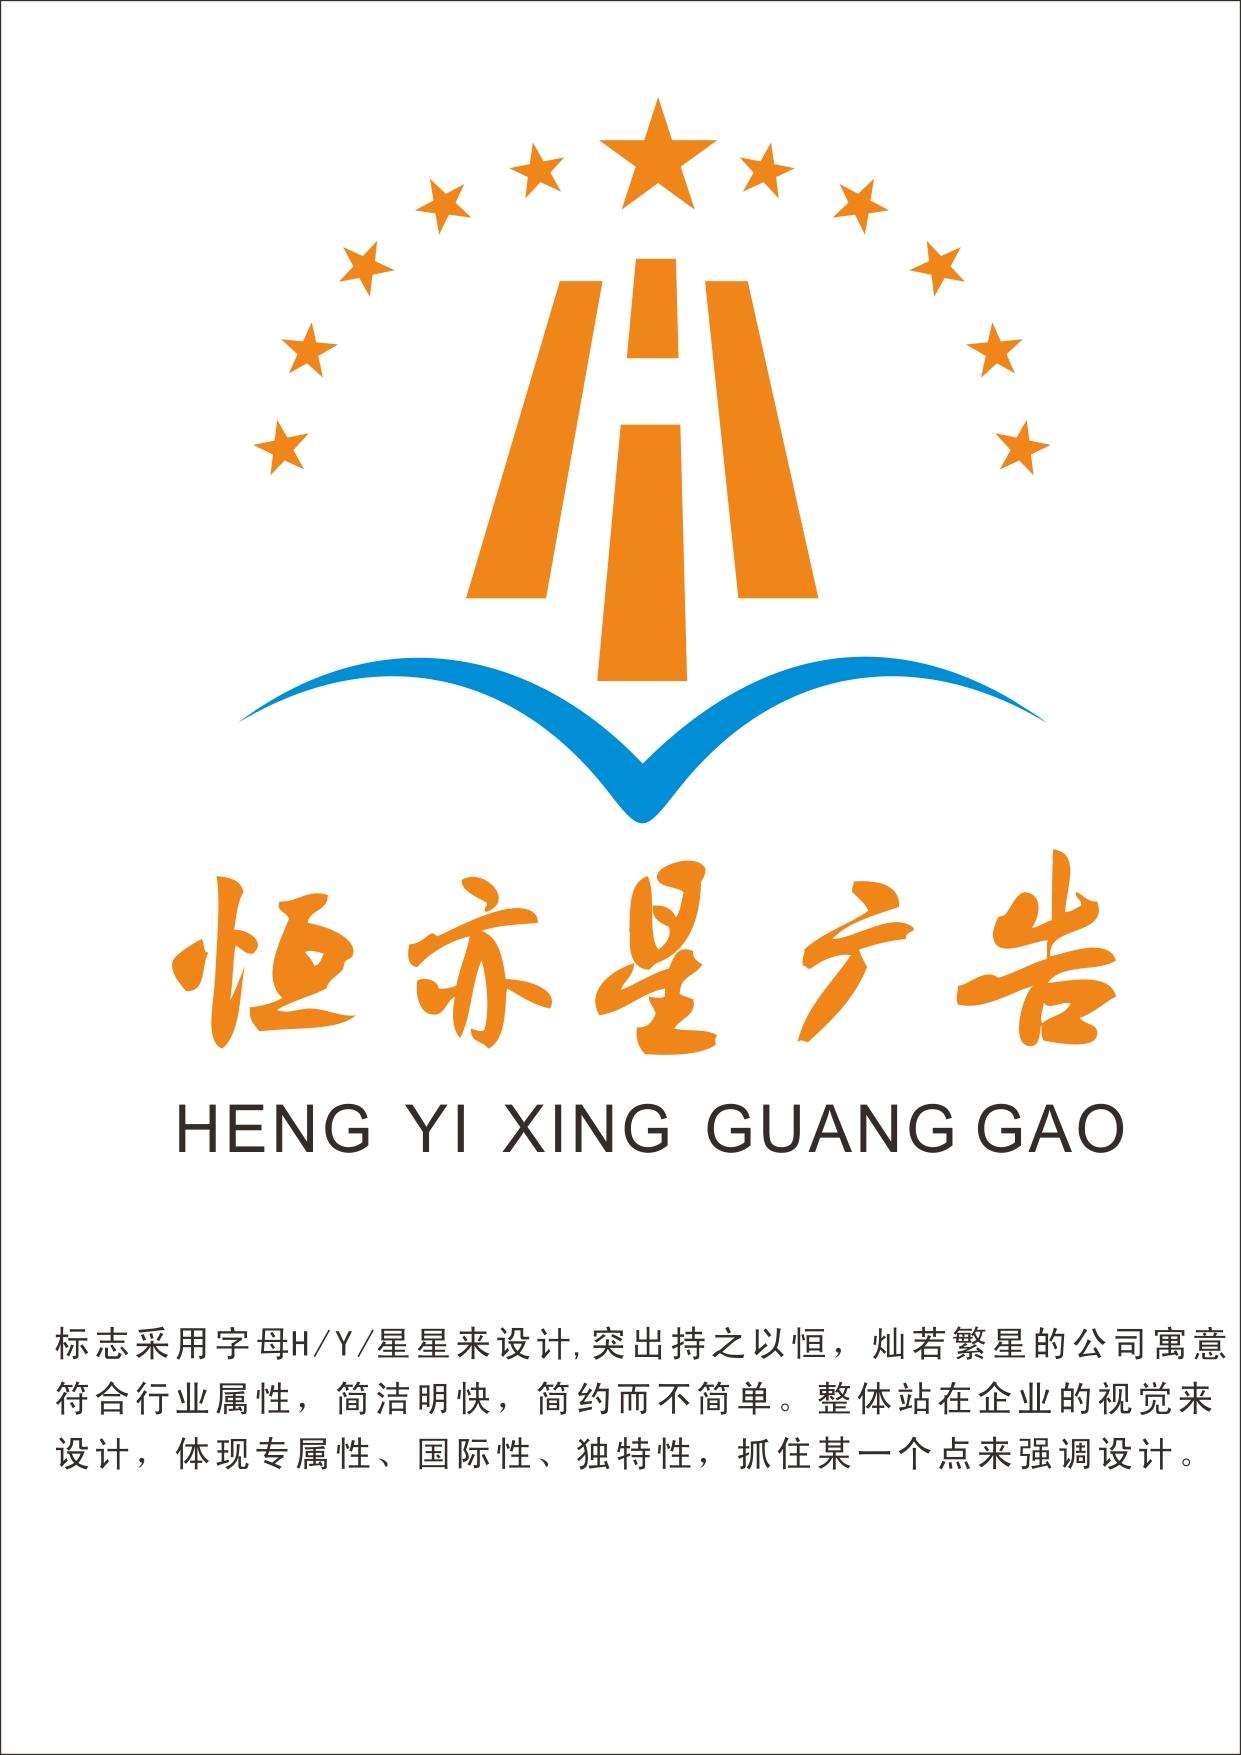 恒亦星广告传媒logo设计_3036885_k68威客网